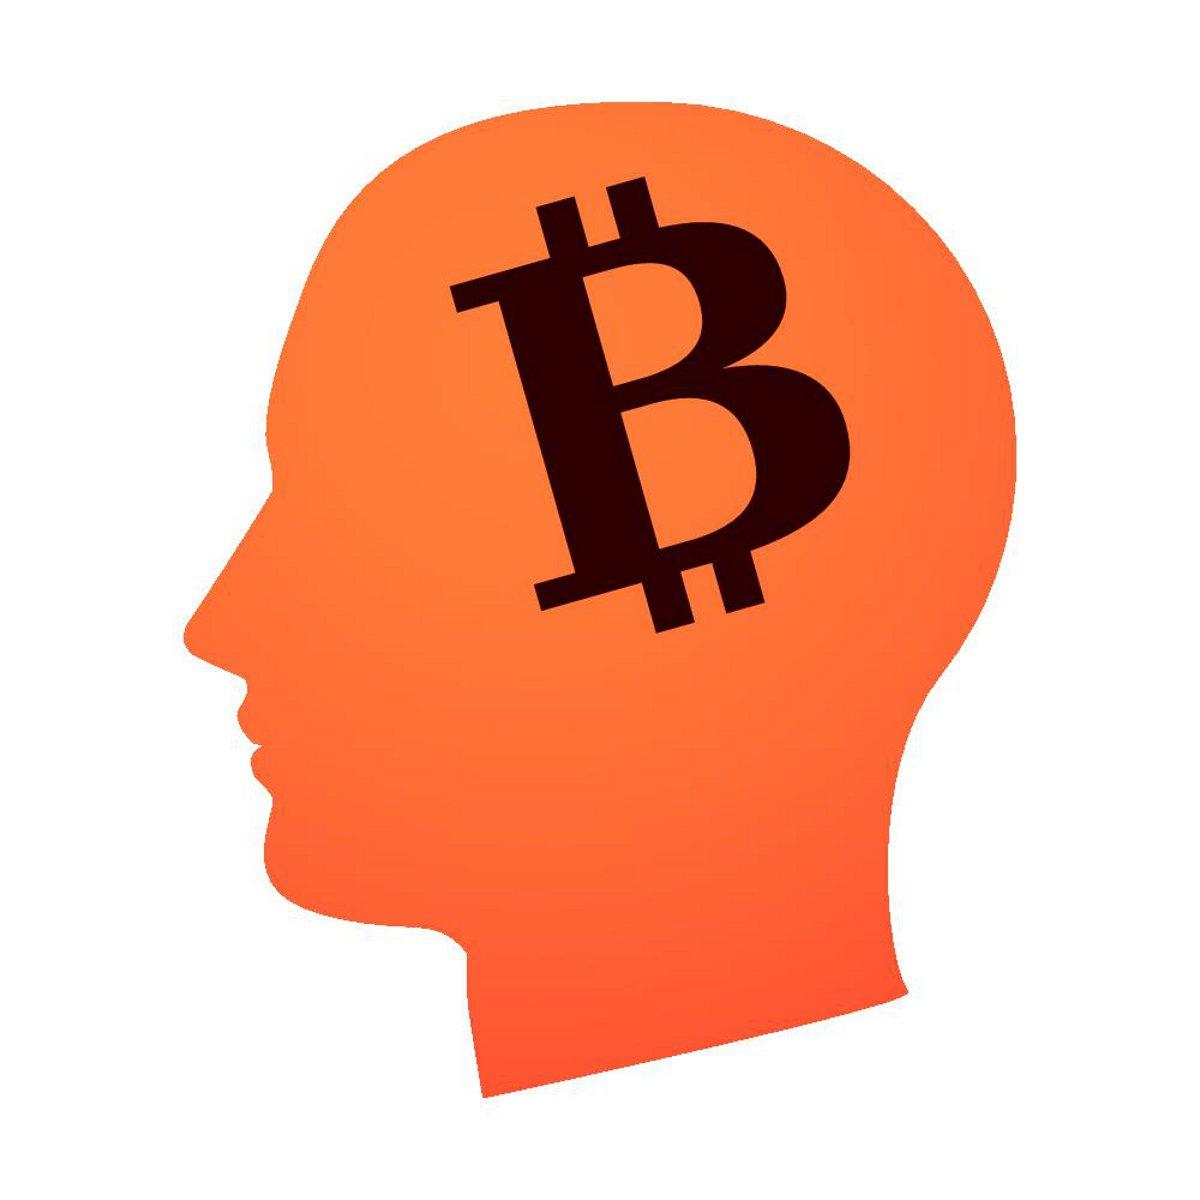 The Ex-Stock Exchange Brain Behind Ethereum Blockchain - Nathan Latka